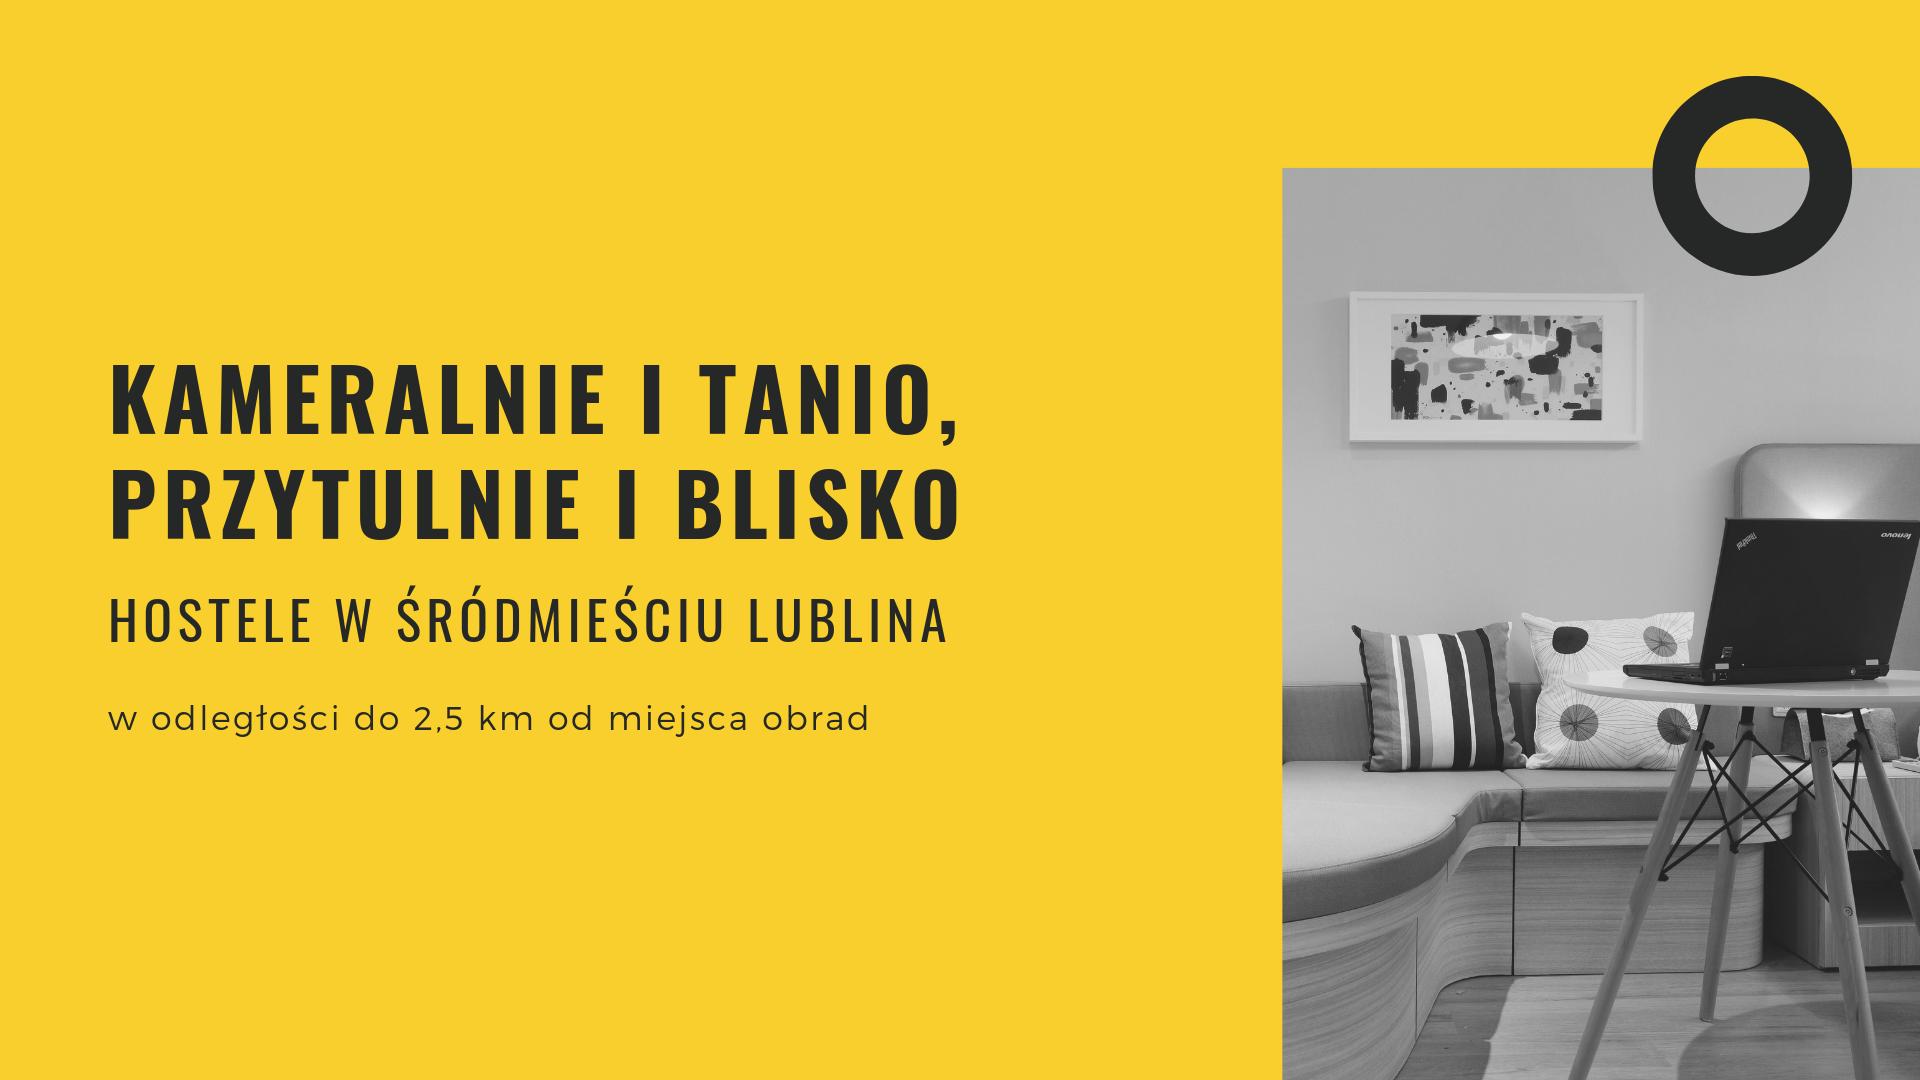 Hostele w Śródmieściu Lublina